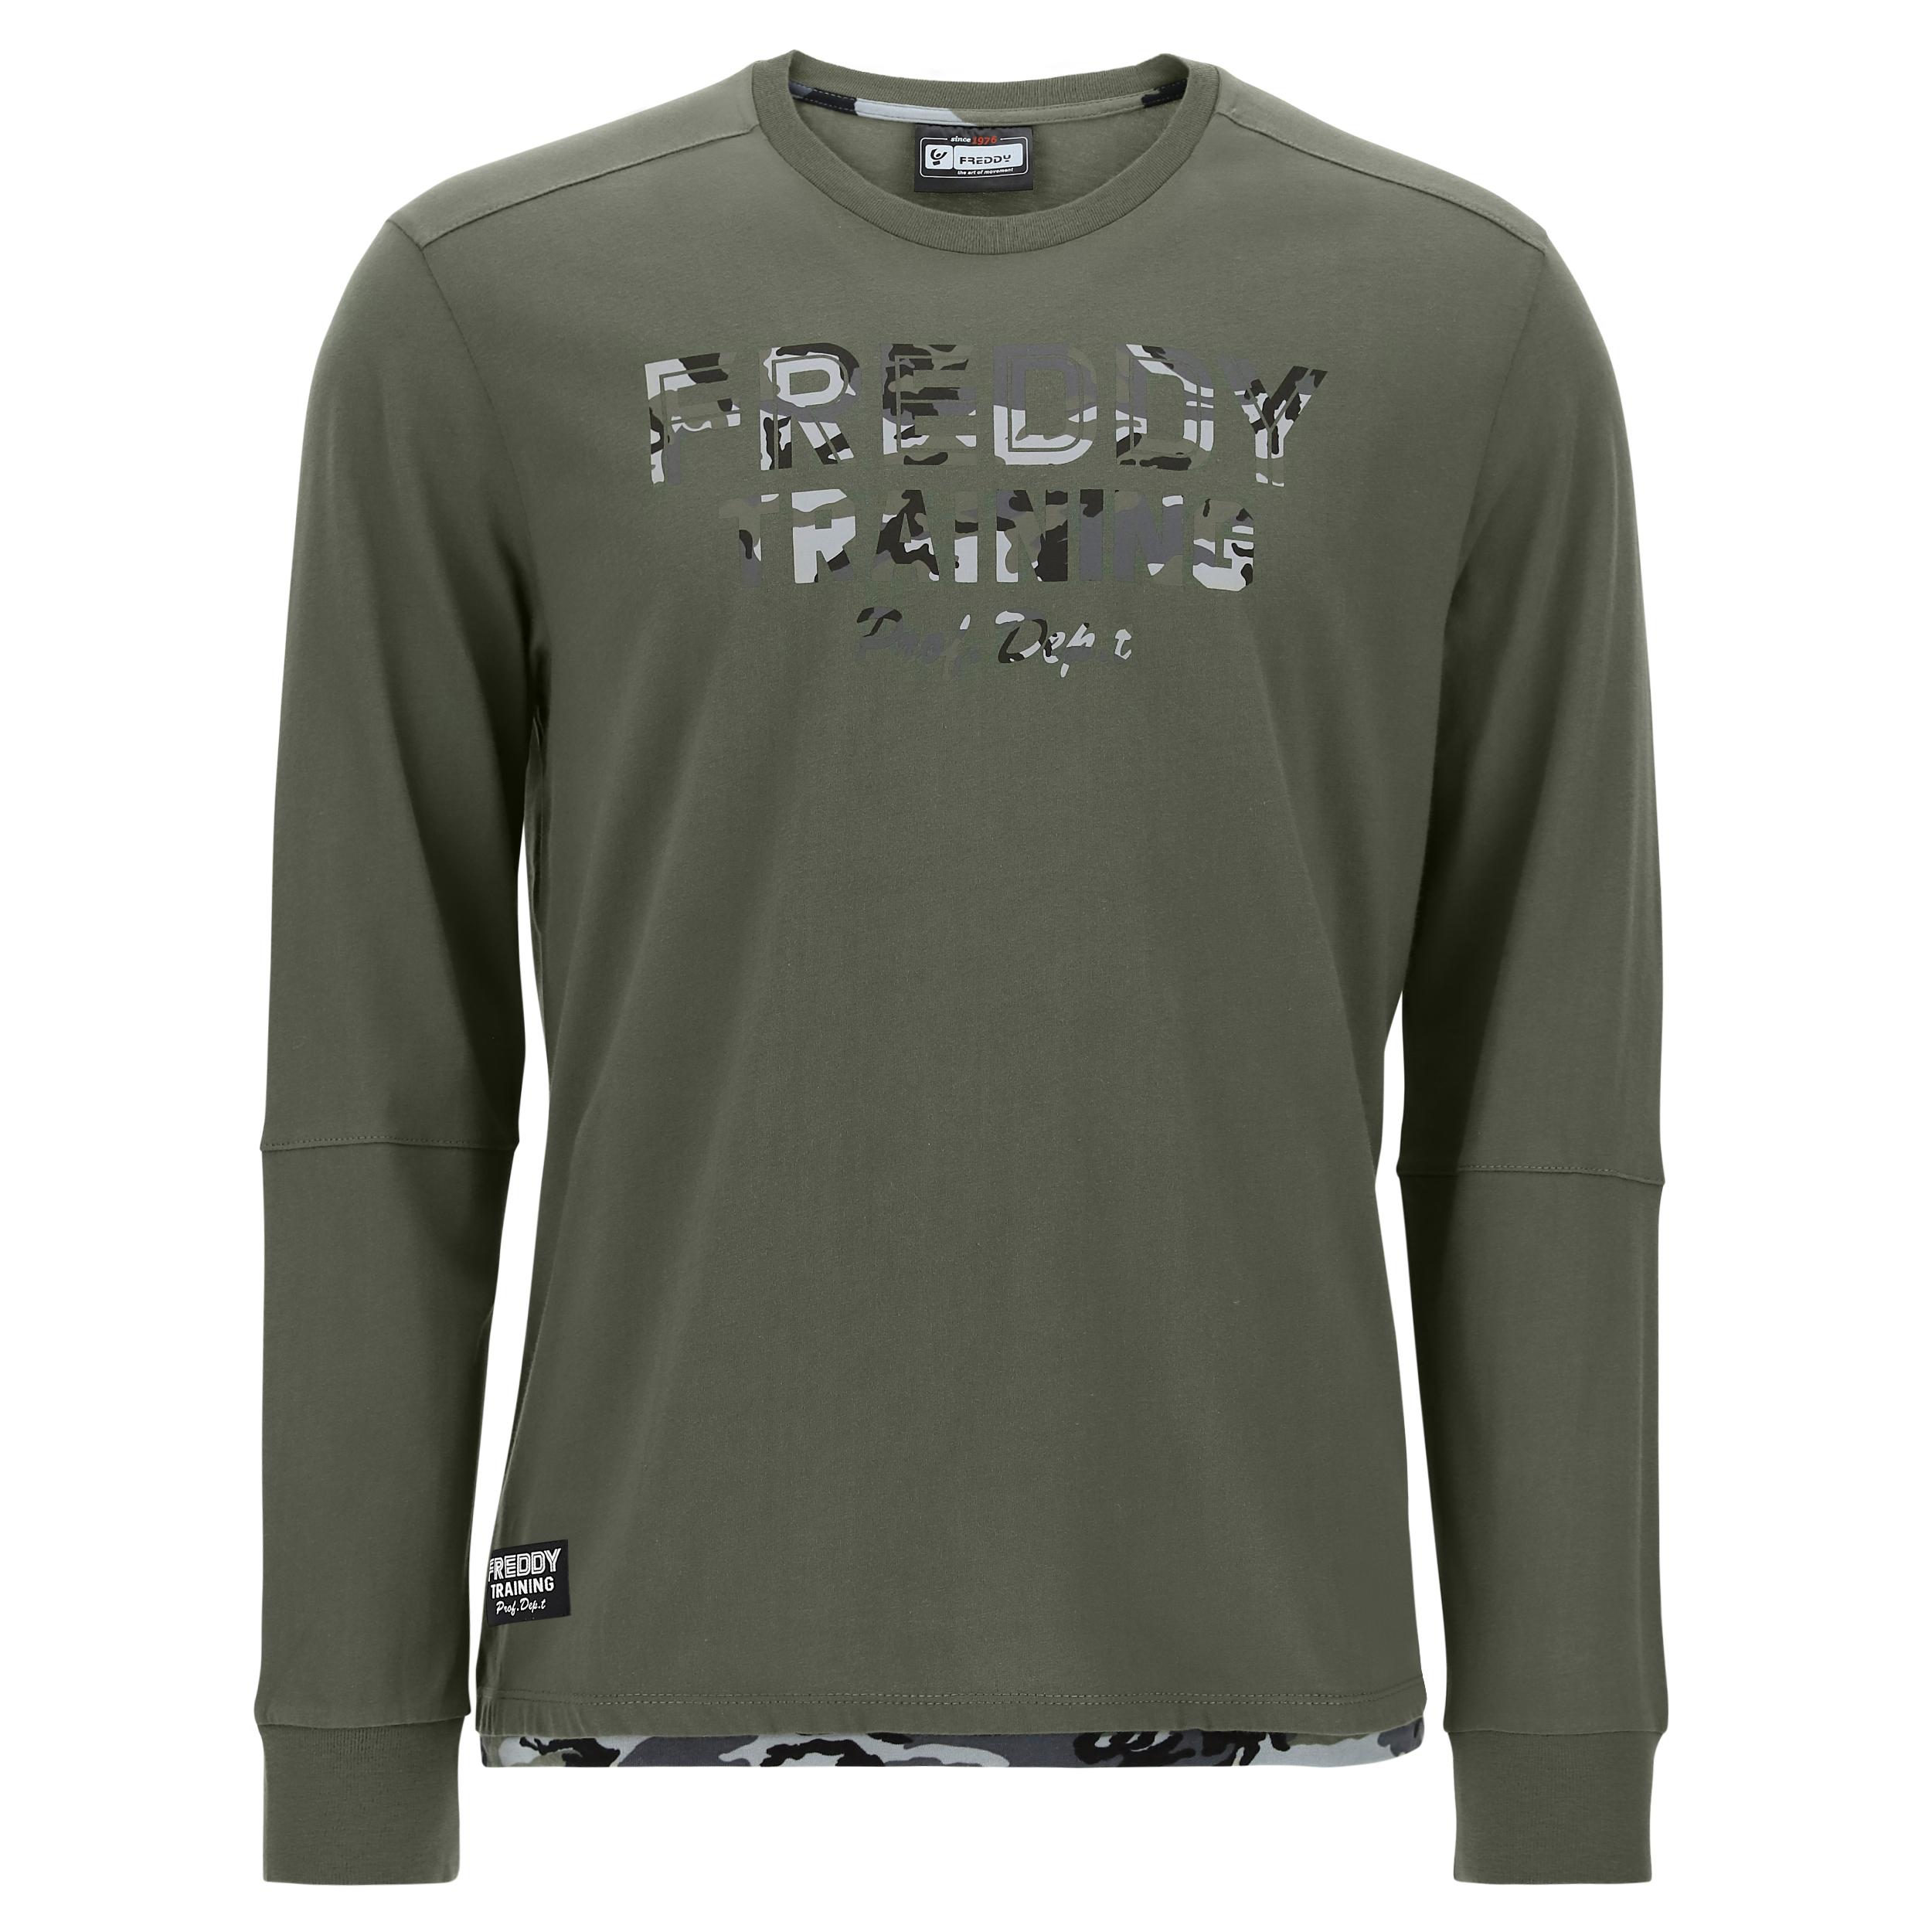 T-shirt manica lunga con decorazioni a fantasia camouflage